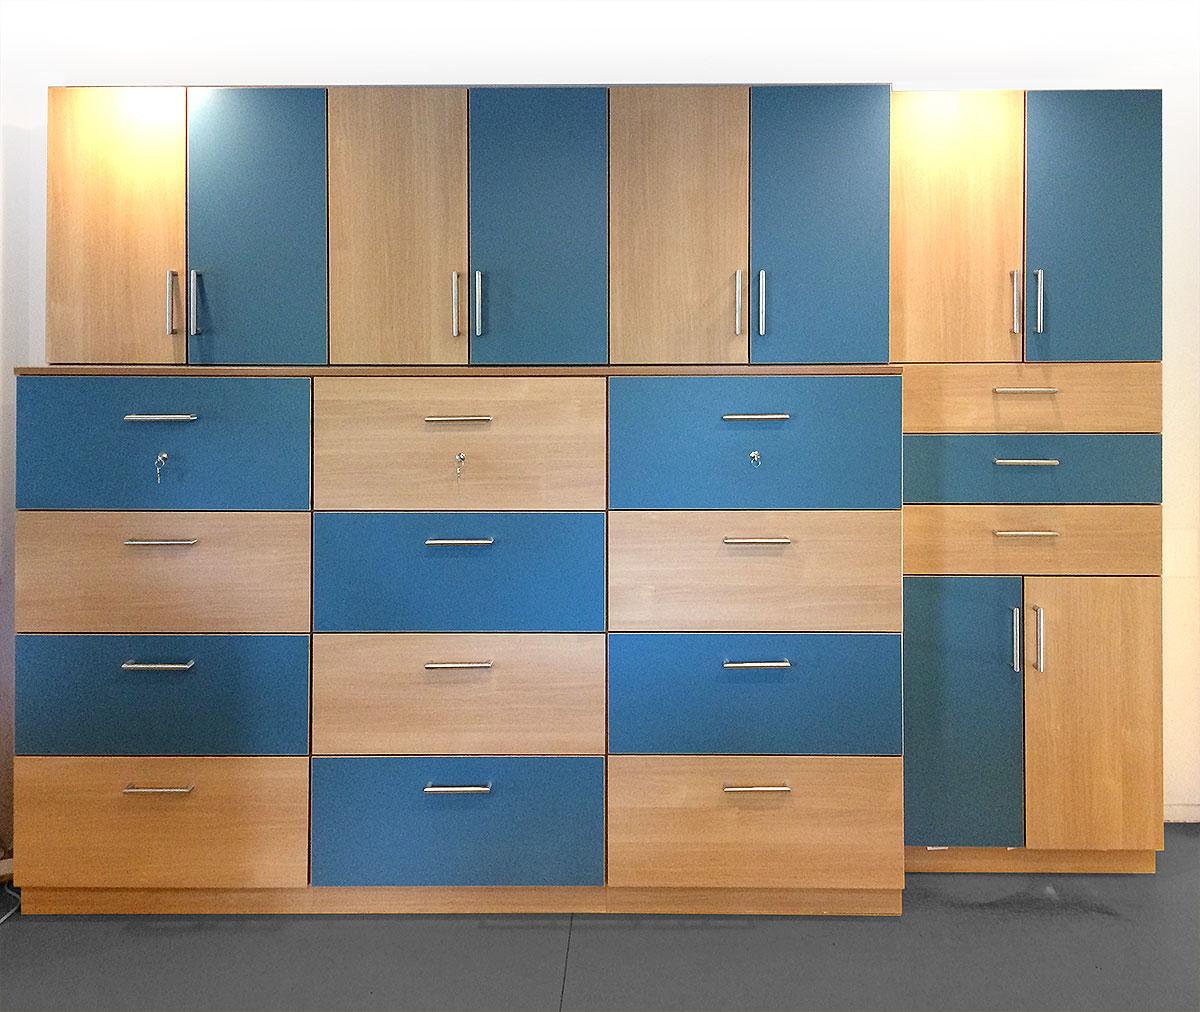 Schrank Materialmix Holz und Kunststoff